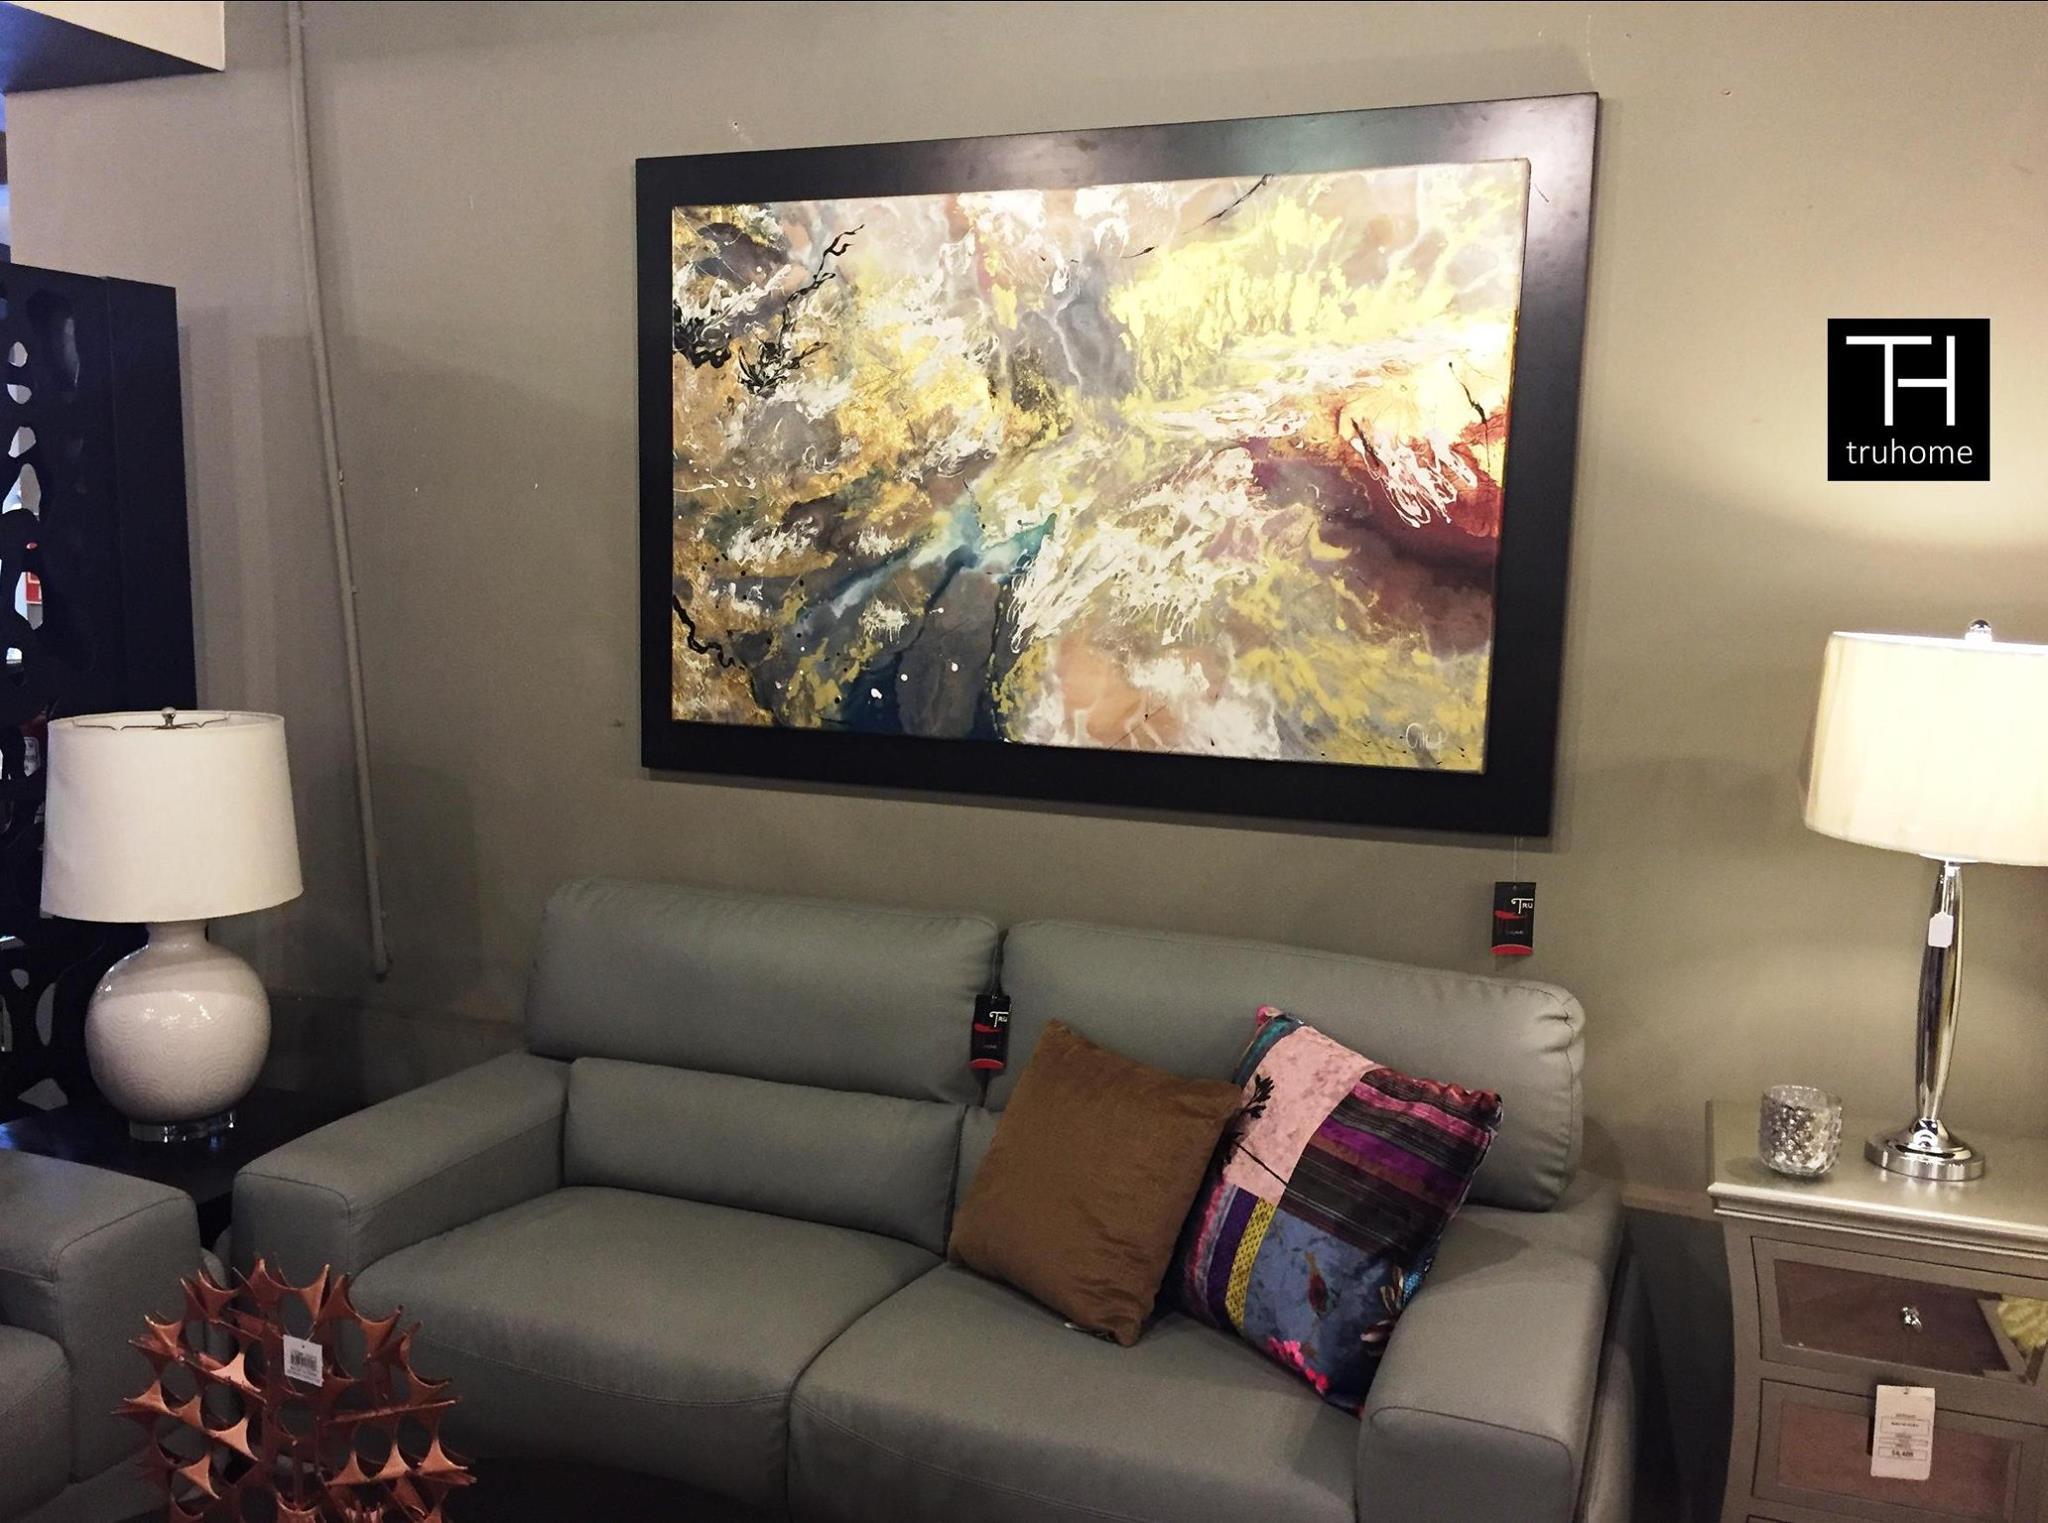 Tendencias en decoracion con cuadros al oleo 14 como for Tendencias en decoracion de interiores 2016